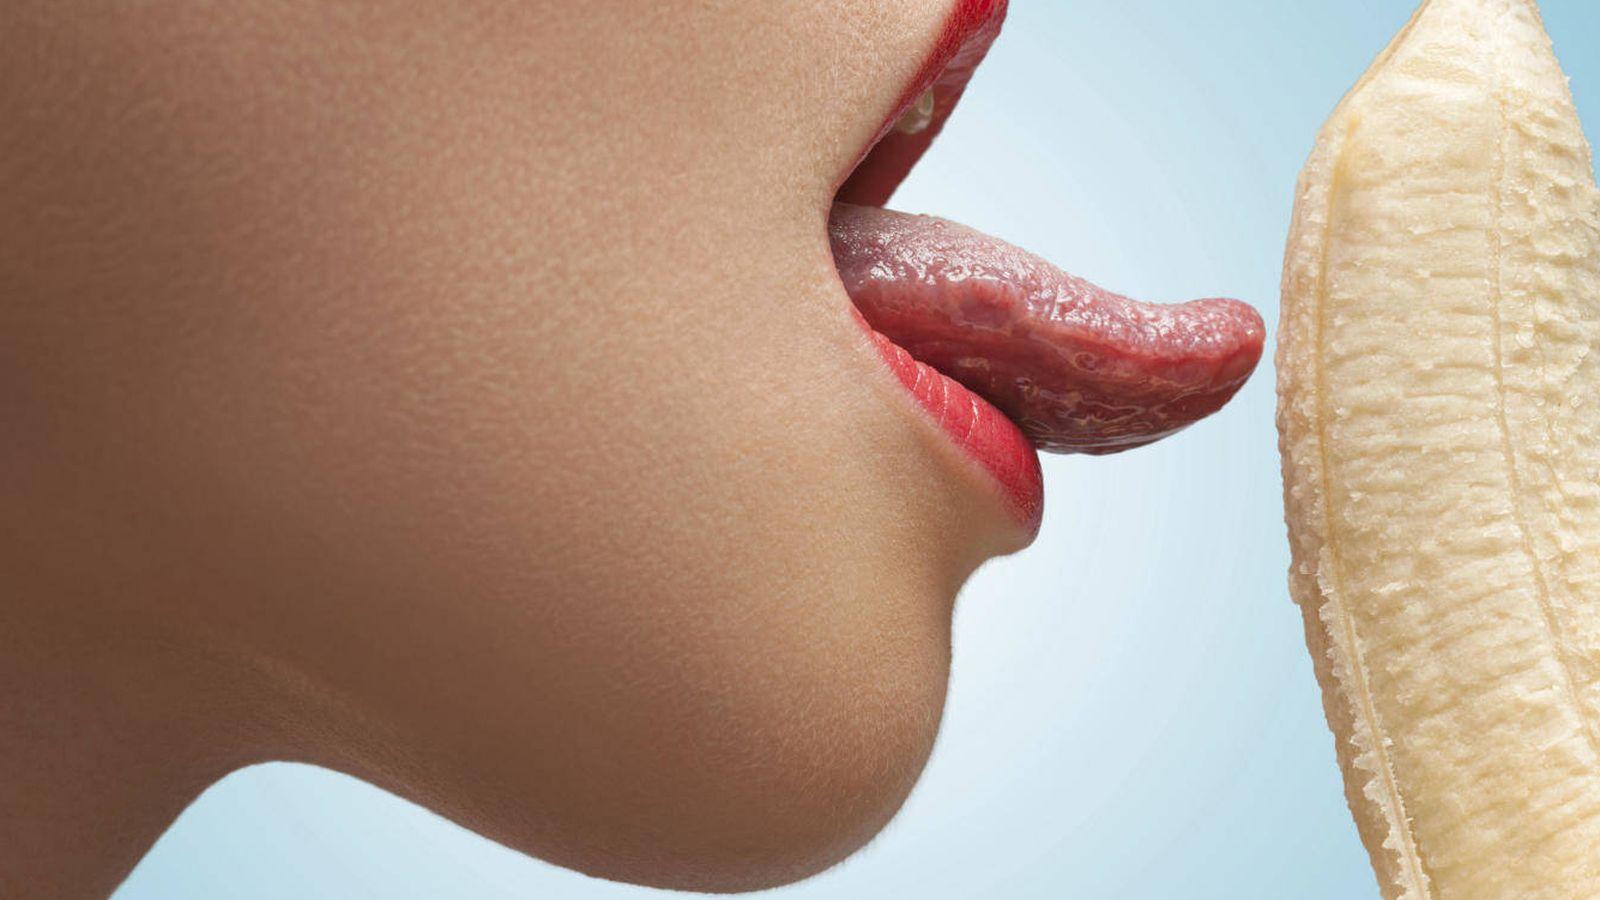 Aprendiendo A Mamar sexo: fui a una escuela de sexo oral y estas son las 7 cosas